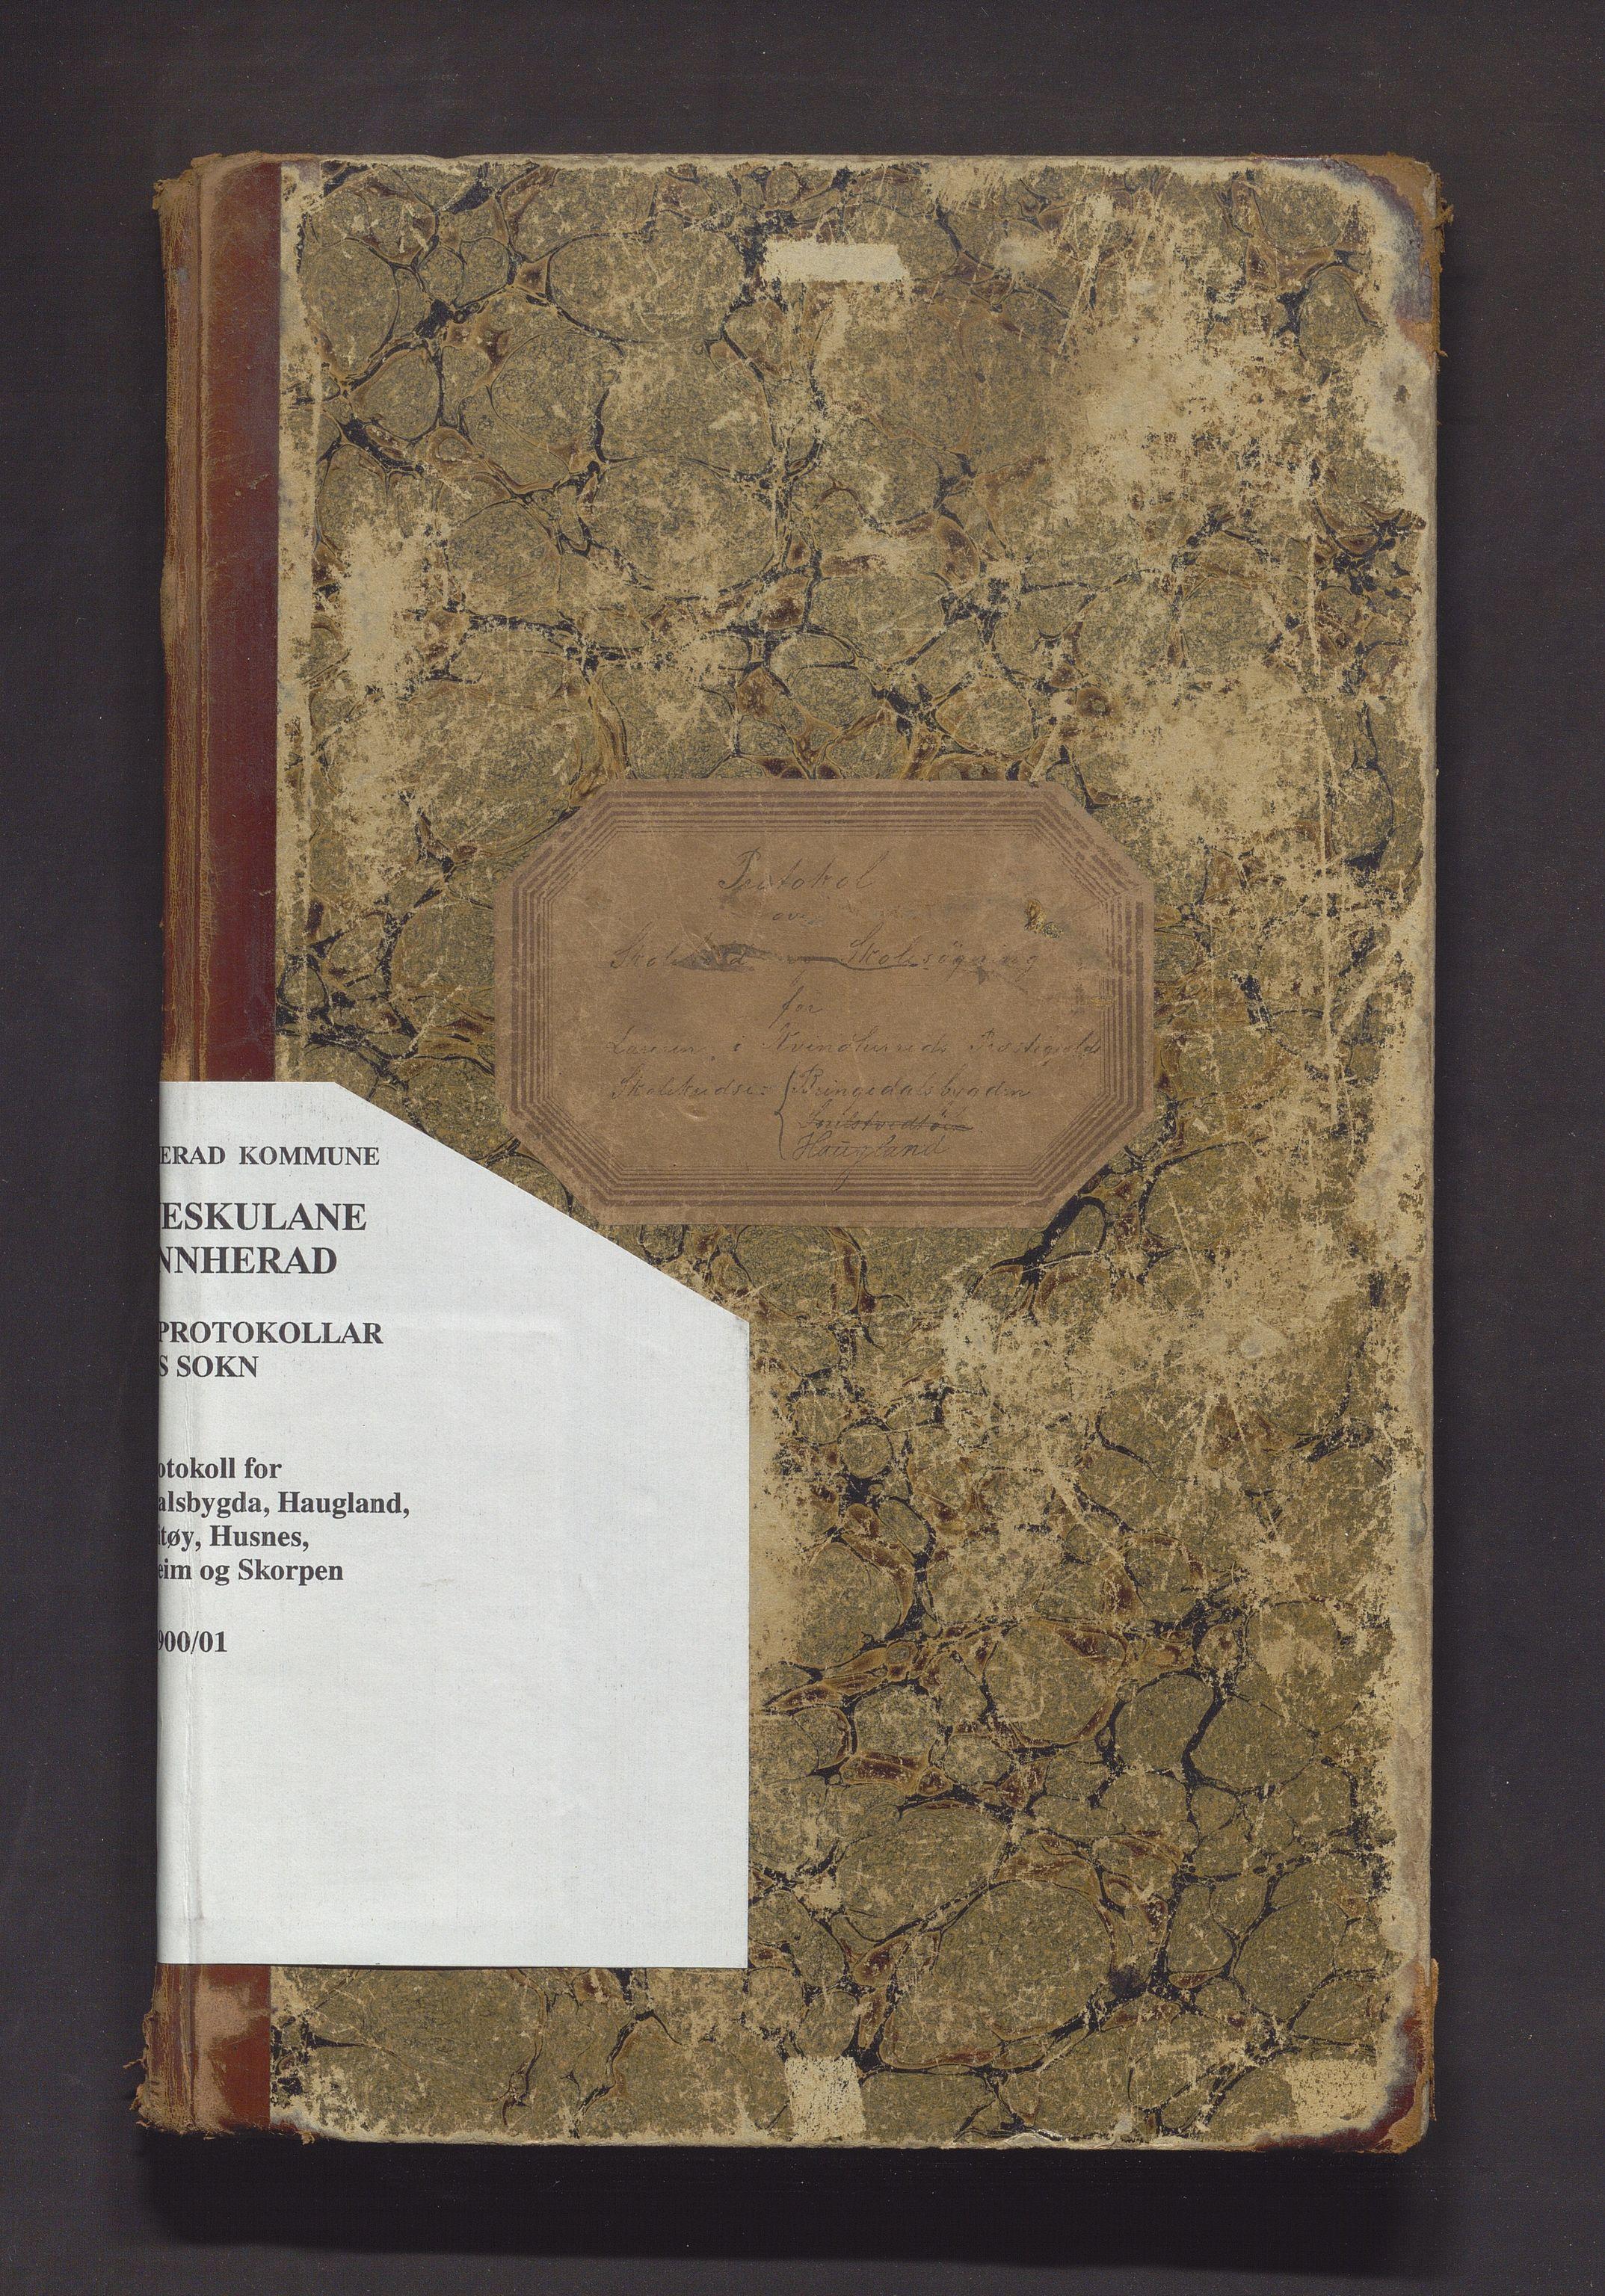 IKAH, Kvinnherad kommune. Barneskulane, F/Ff/L0007: Skuleprotokoll for Bringedalsbygda, Haugland, Snilstveitøy, Husnes, Undarheim og Skorpen krinsar , 1885-1901